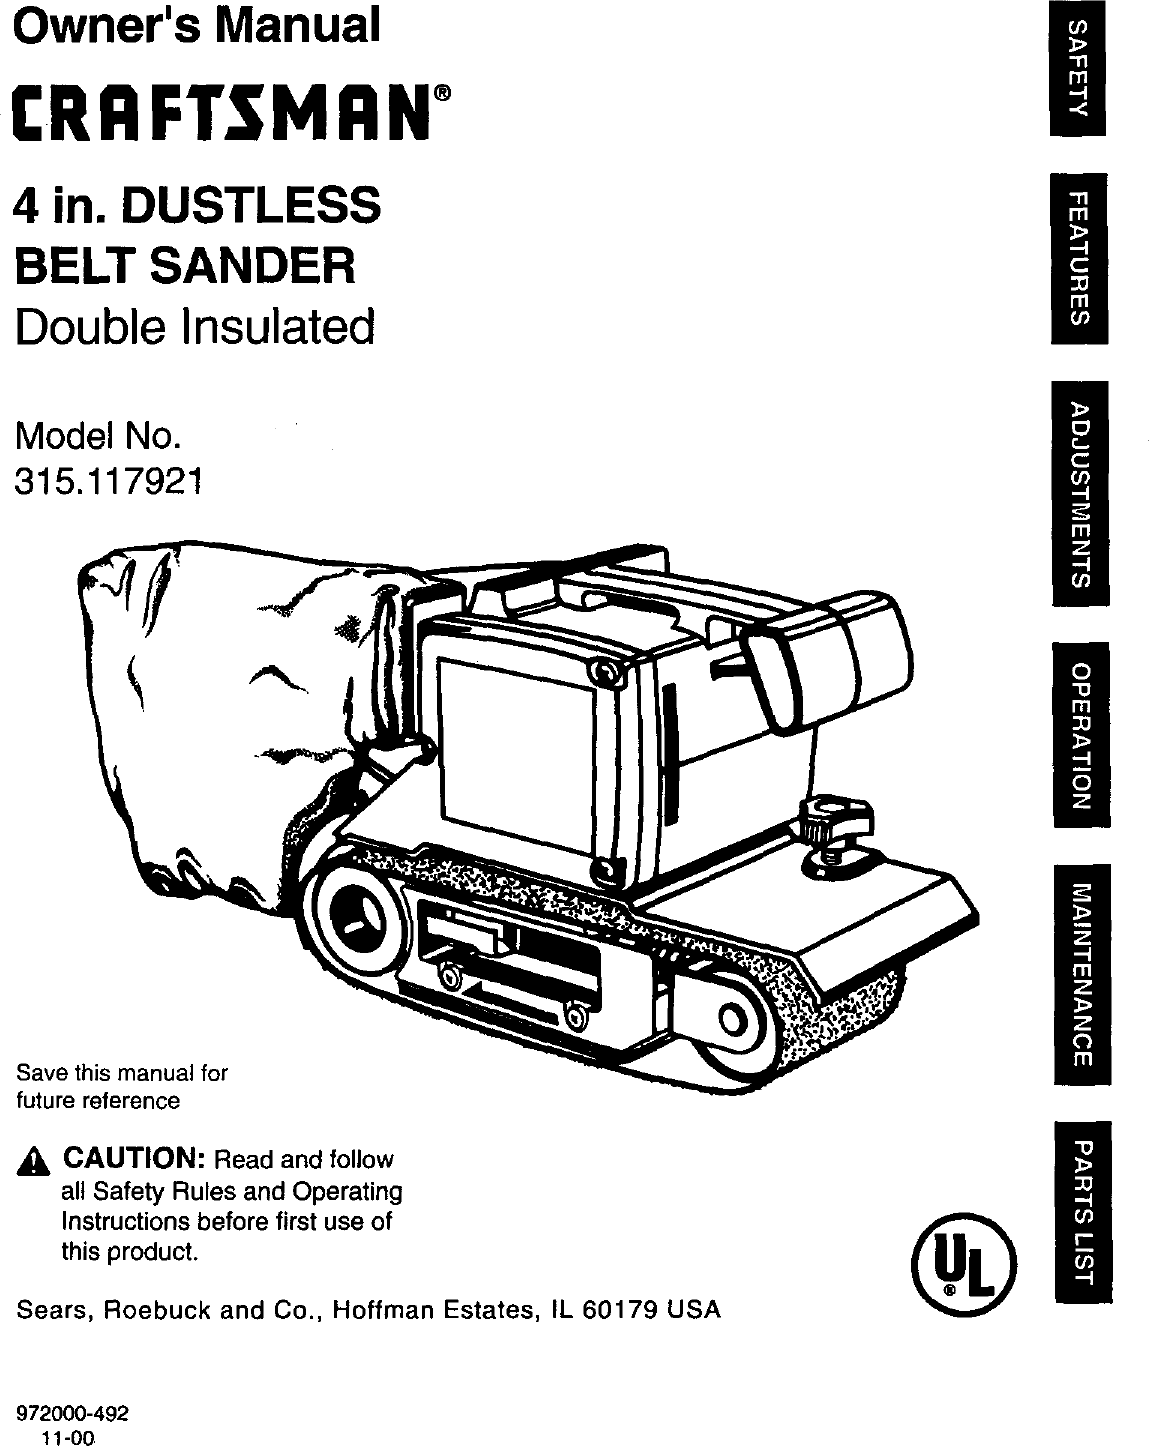 Craftsman 315117921 User Manual 4 DUSTLESS BELT SANDER